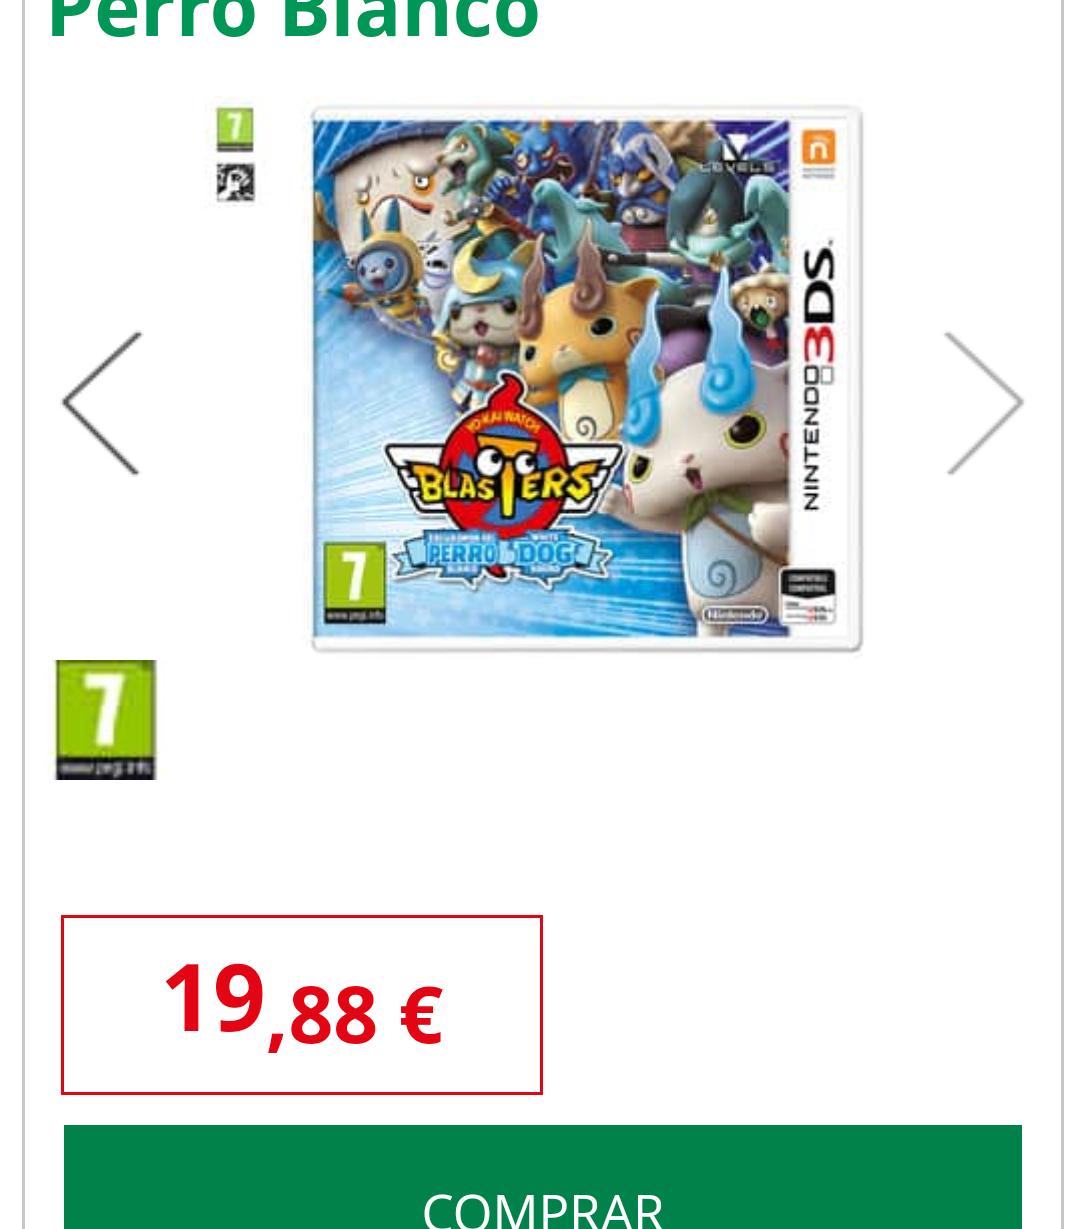 Juego Yo-Kai Watch Blasters: Escuadrón del Perro Blanco para Nintendo 3Ds